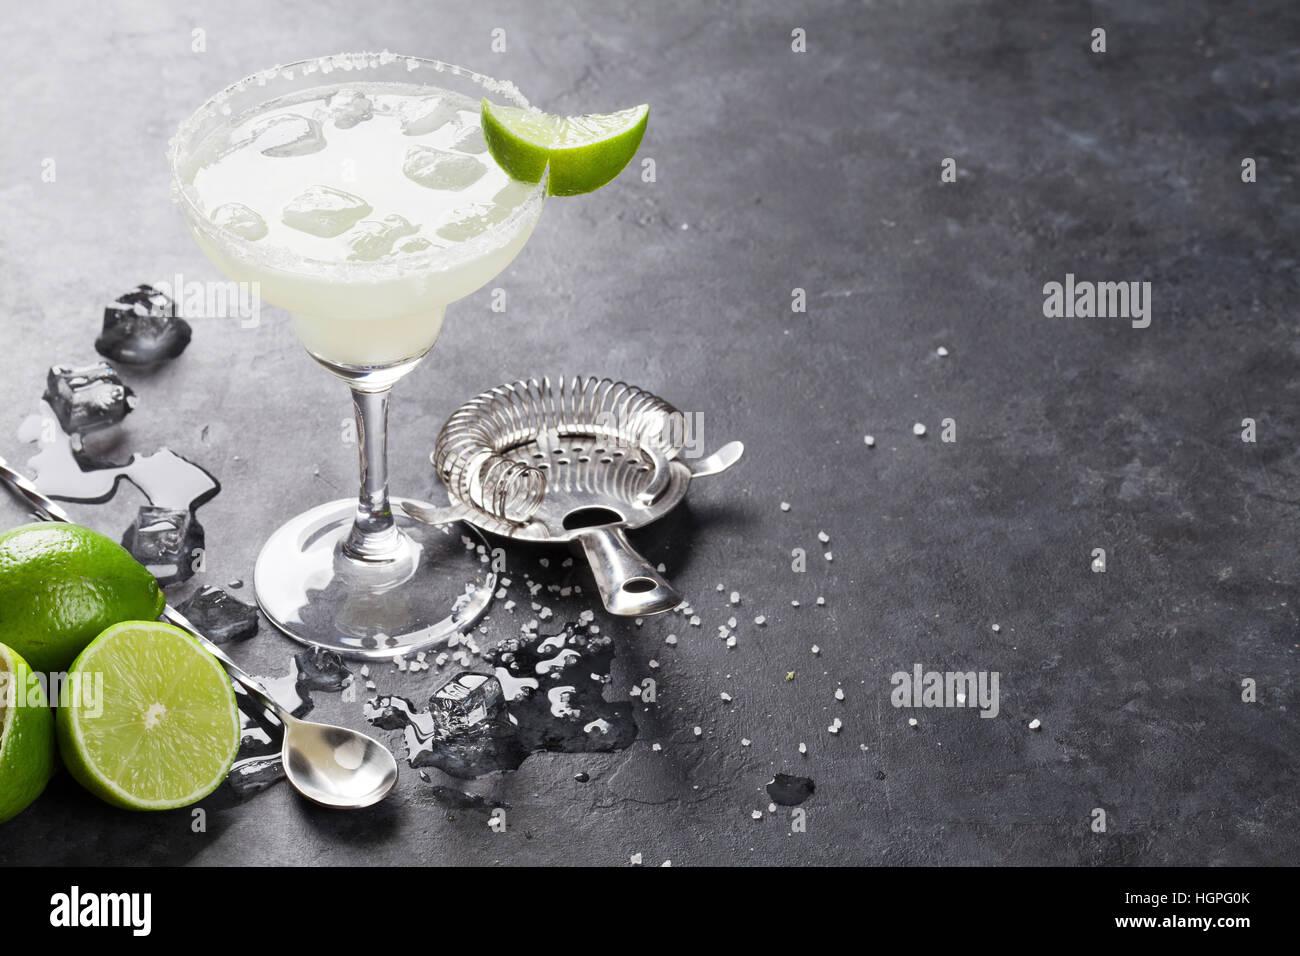 Cóctel Margarita en mesa de piedra oscura. Con espacio para el texto Imagen De Stock